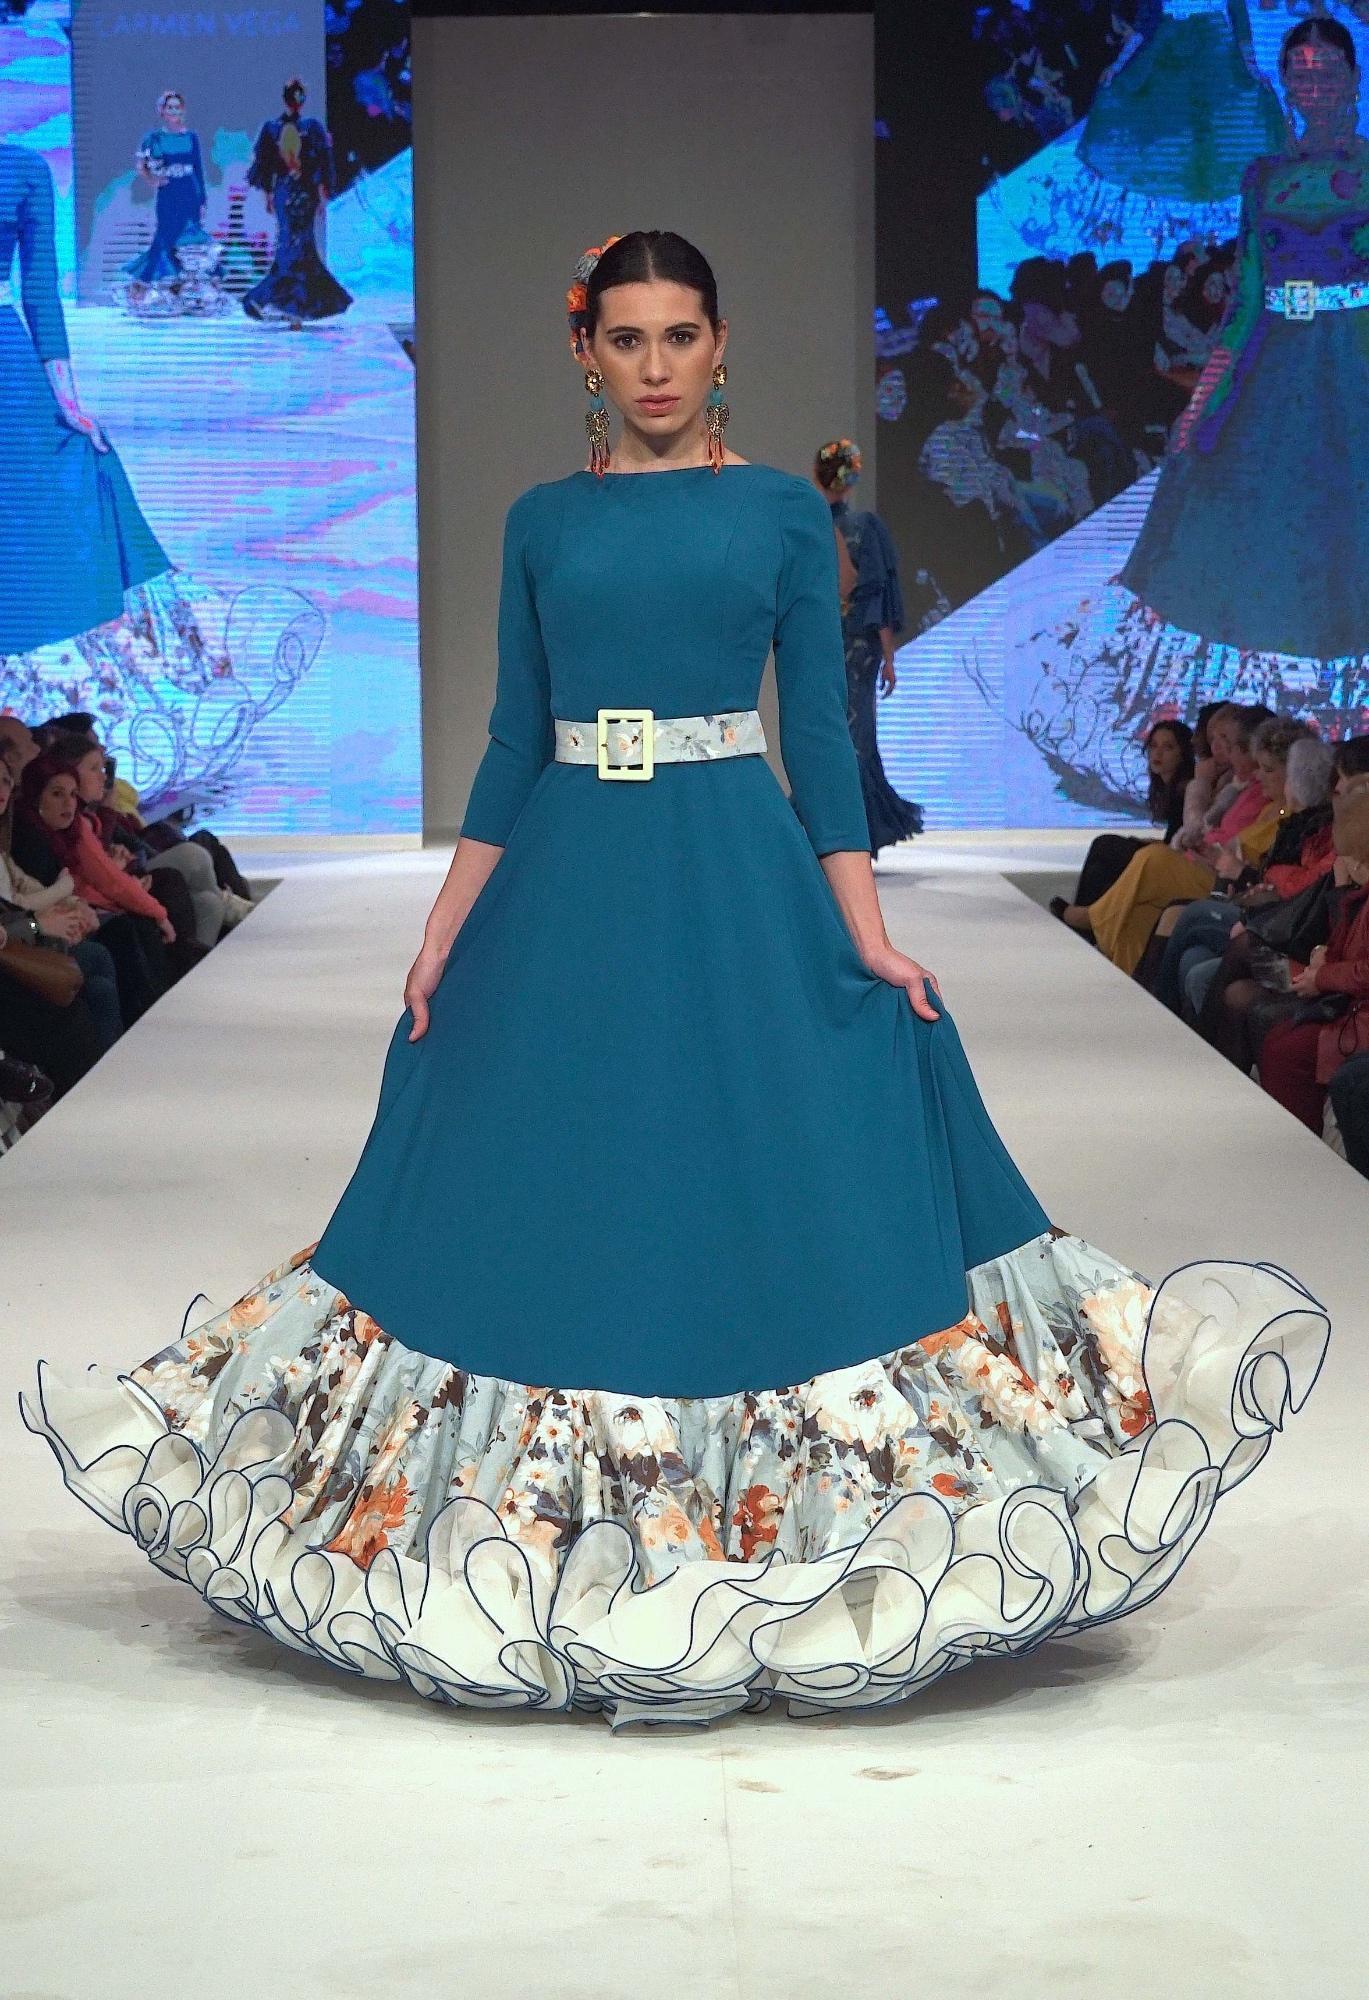 Cute Vestidos De Novia Flamenca Pictures Inspiration - Wedding Ideas ...